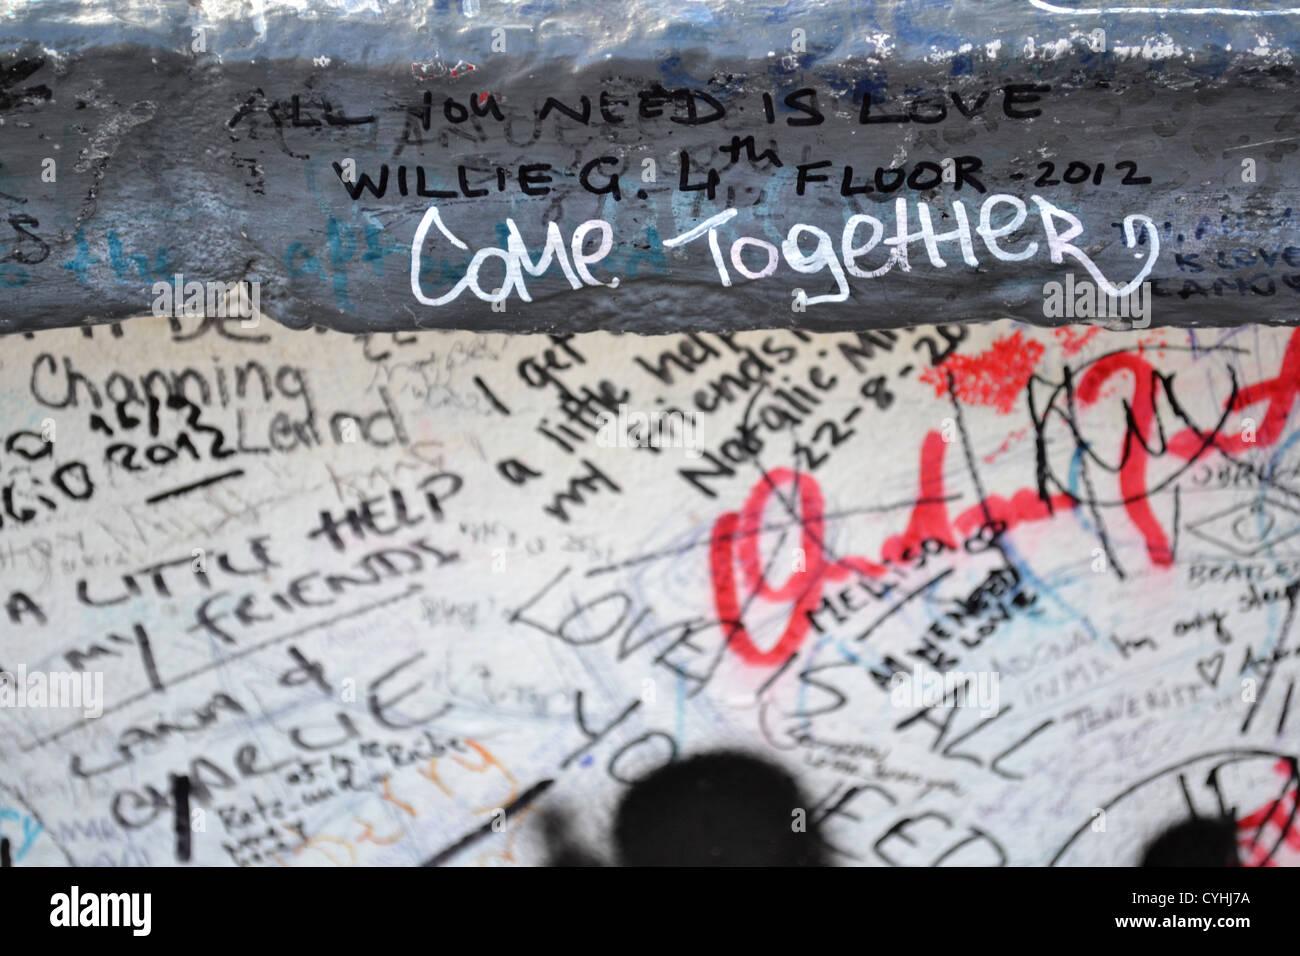 'Ensemble'. Messages sur le mur à l'extérieur les studios Abbey Road, Londres. Rendu célèbre par l'album Abbey Road des Beatles. Banque D'Images